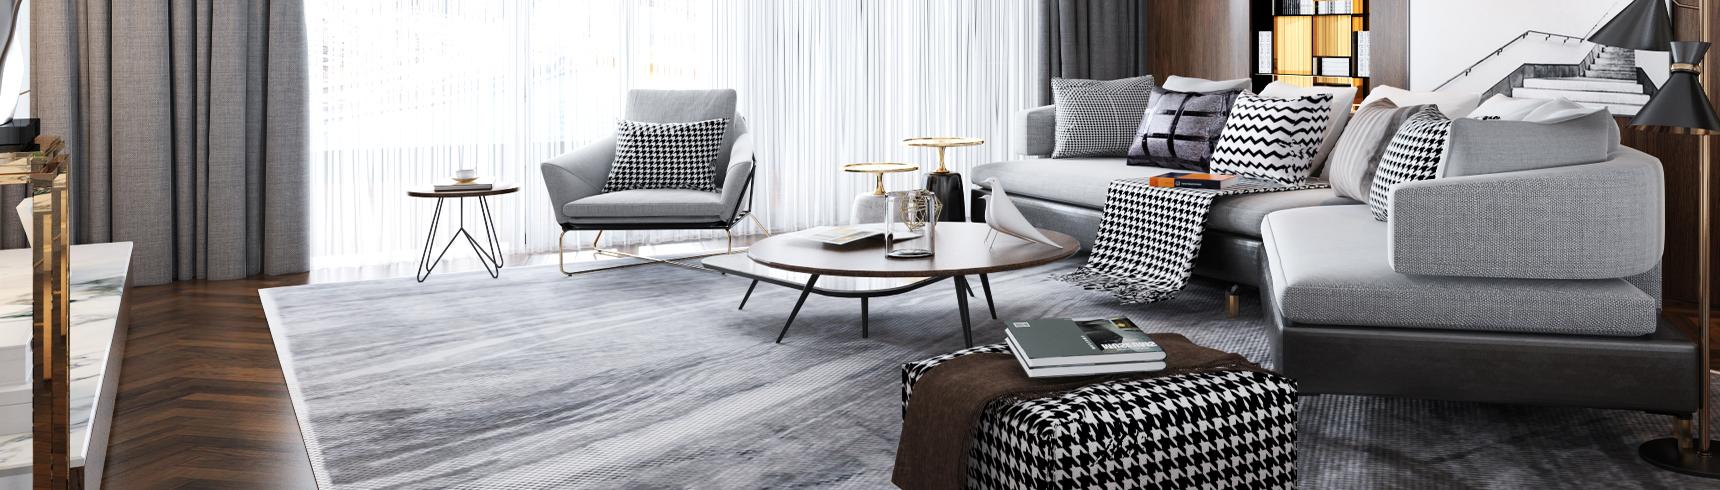 现代客餐厅 现代沙发椅组合 现代餐桌椅组合3D模型下载